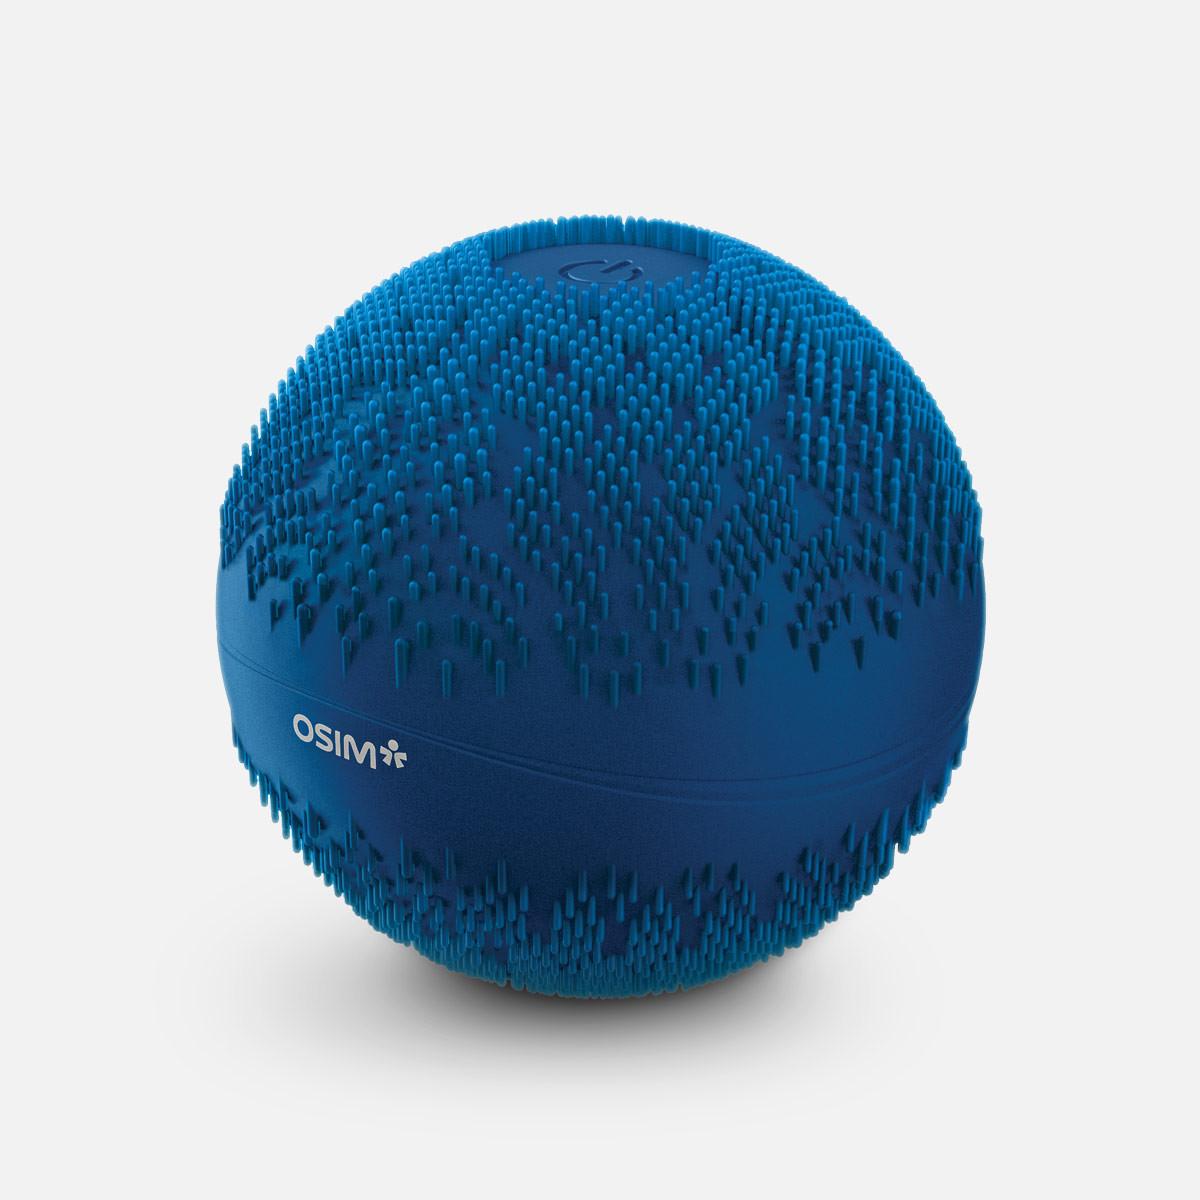 振動筋膜球